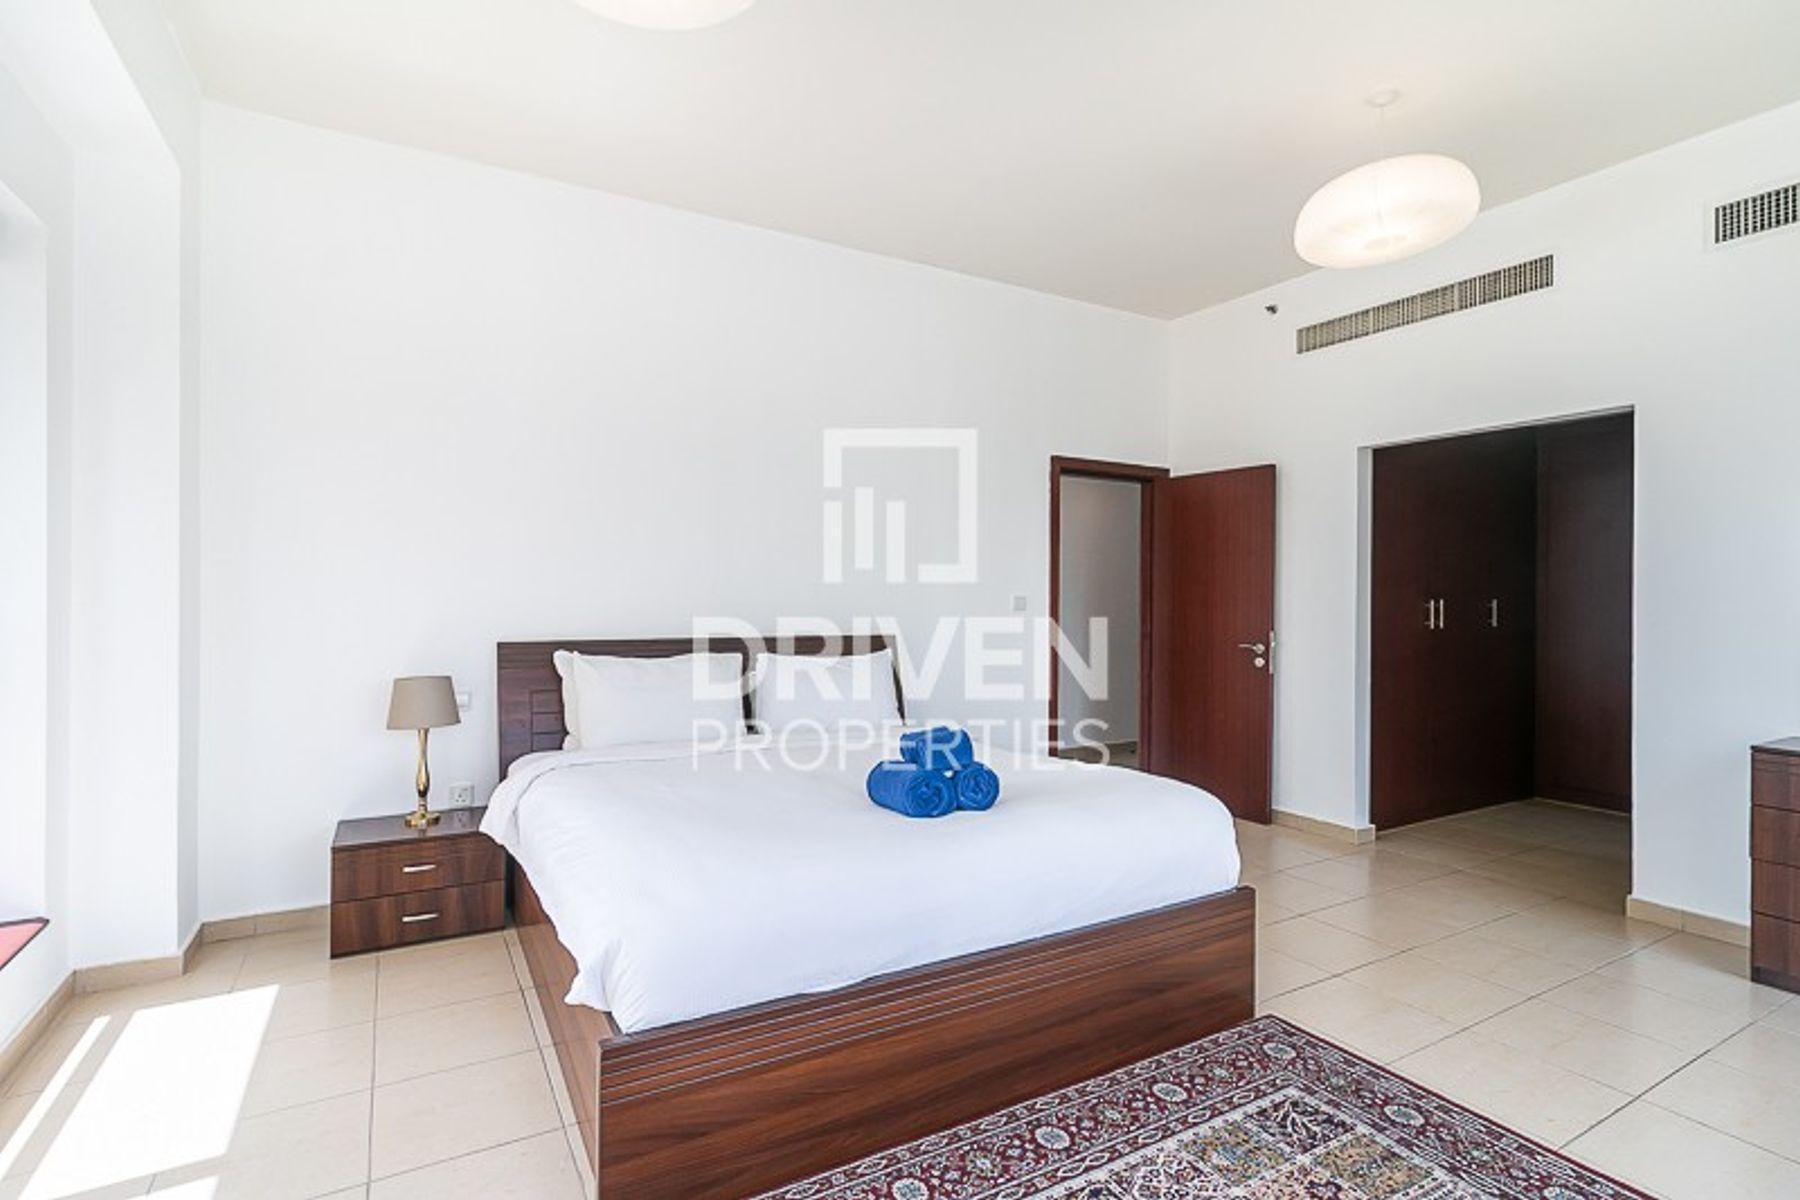 للبيع - شقة - رمال 3 - مساكن شاطئ الجميرا